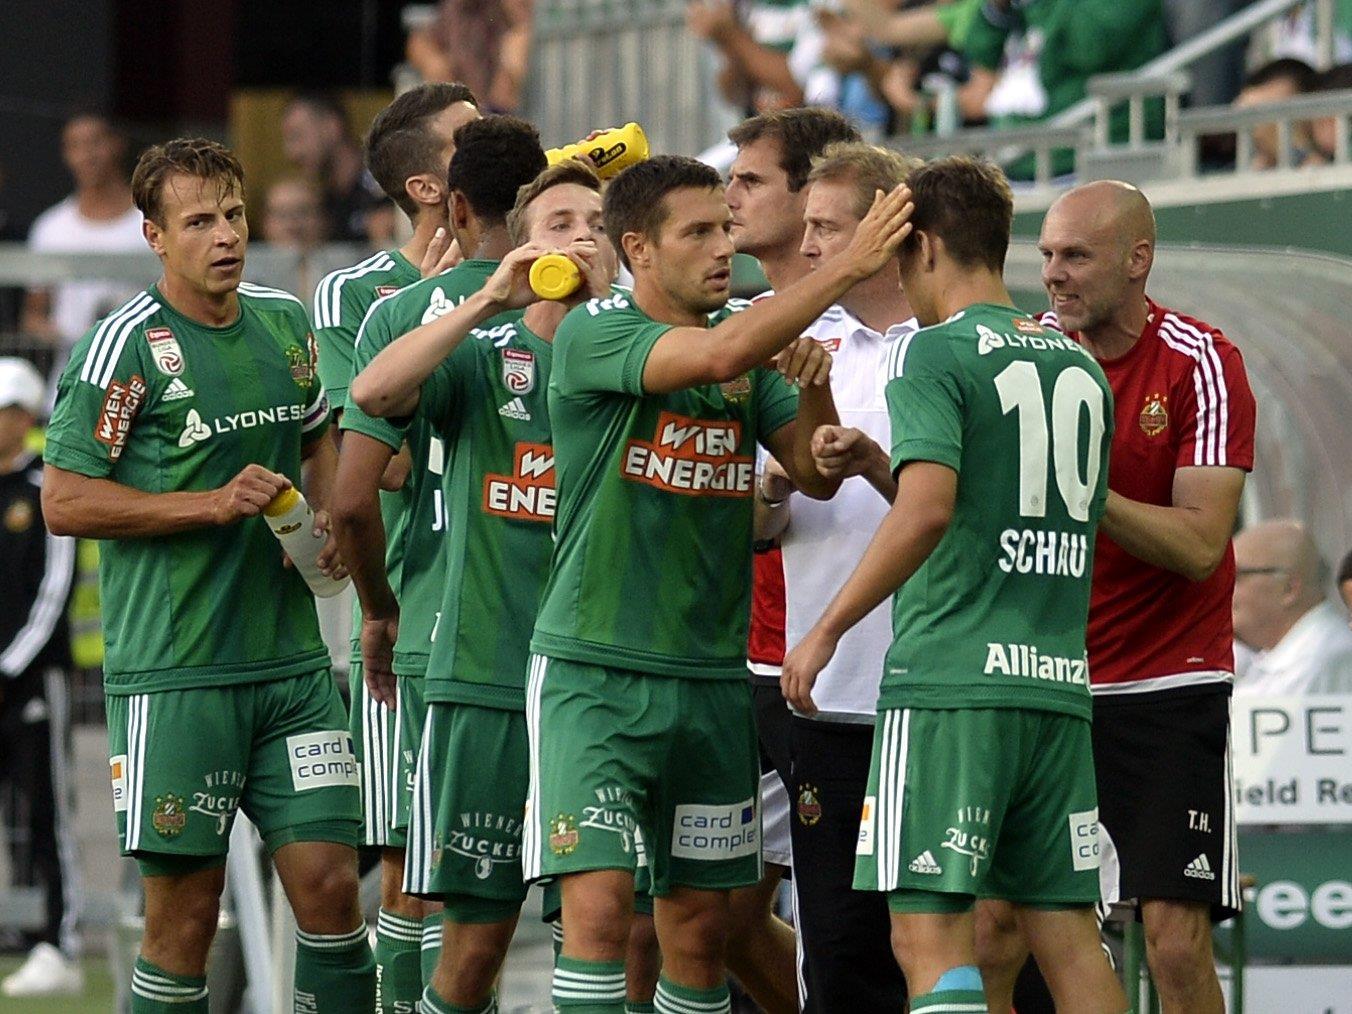 Am Donnerstag trifft Rapid Wien auwärts auf Trencin im EL-Play-off.